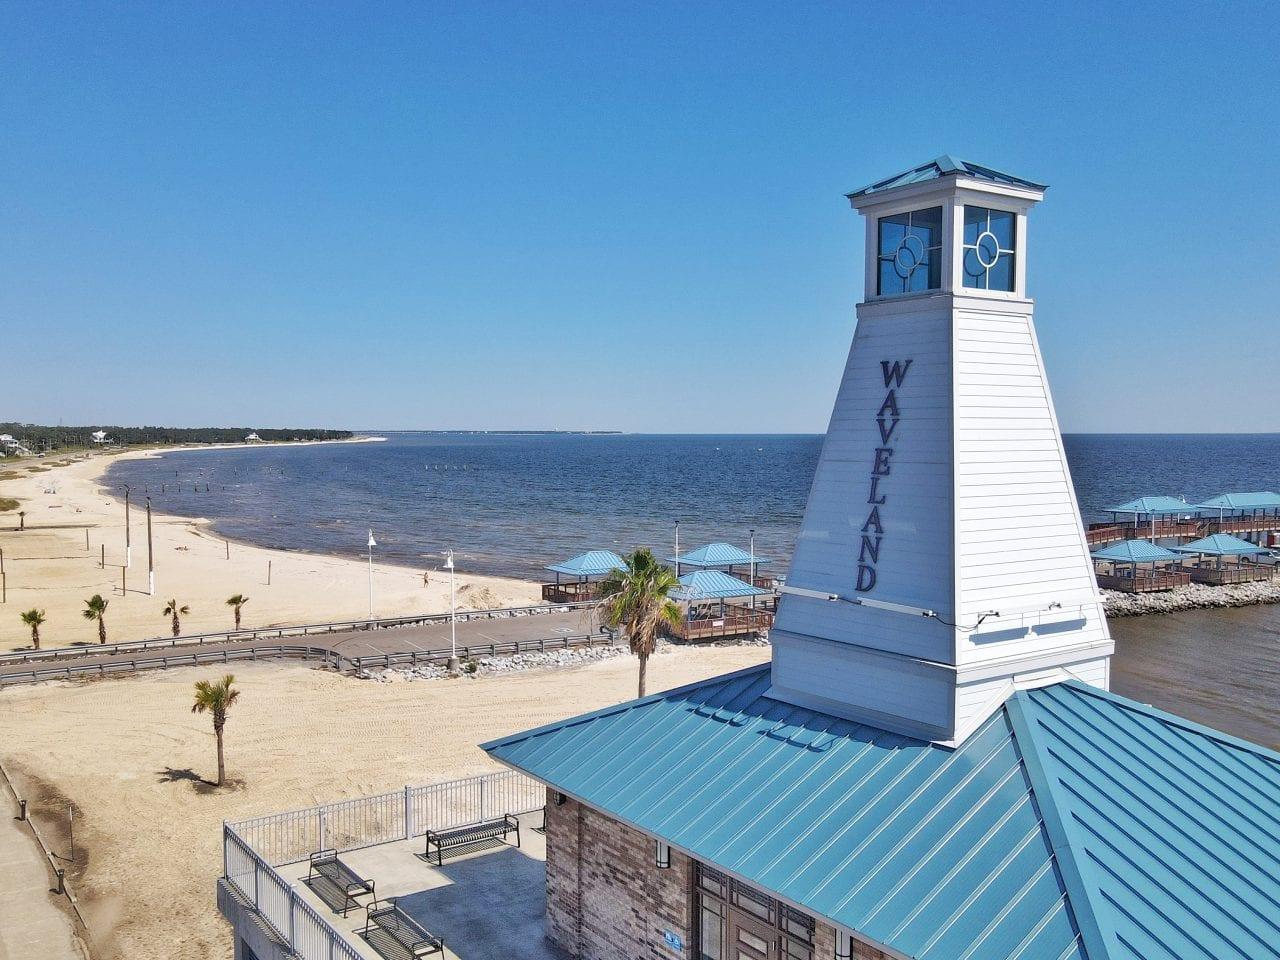 Lighthouse_Waveland_2020-Credit-Coastal-Mississippi